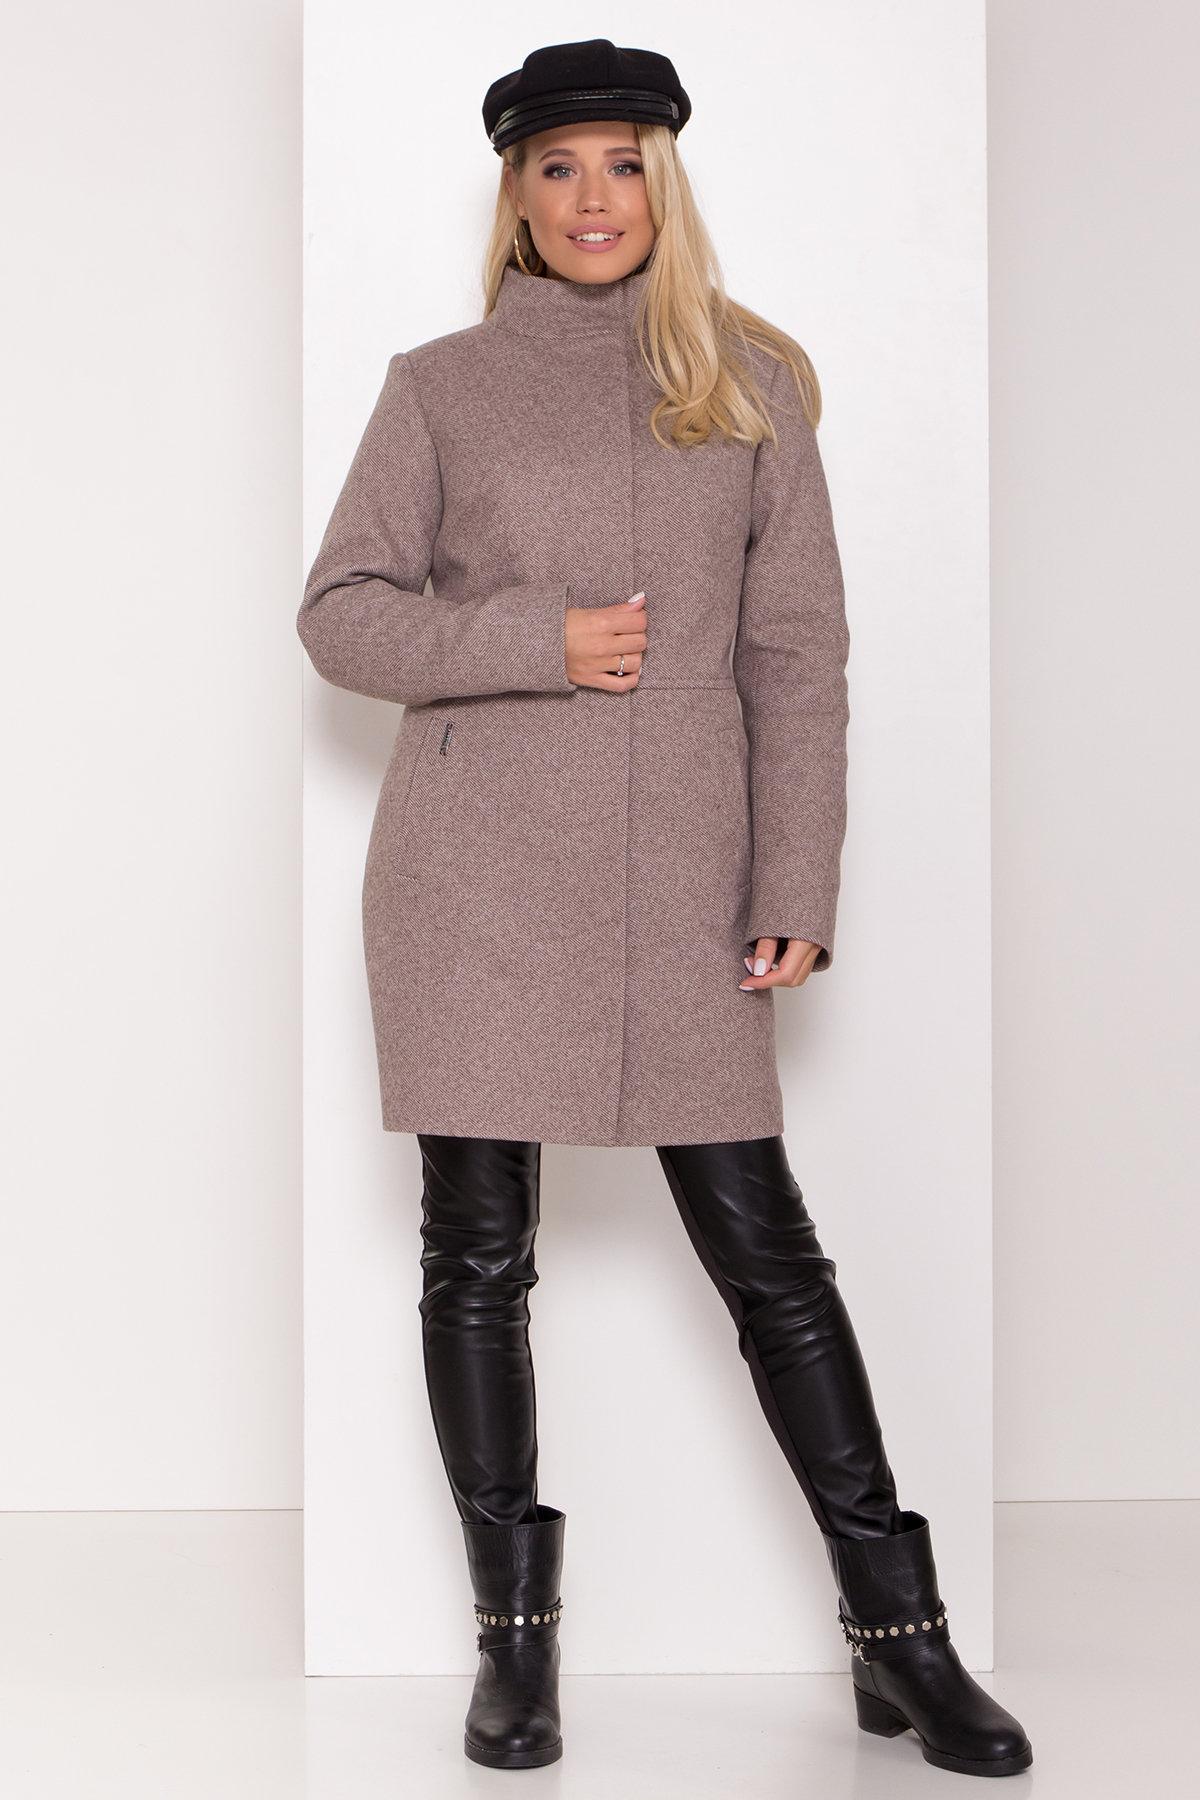 Зимнее пальто со снудом Габи 8205 АРТ. 44220 Цвет: Шоколадный меланж - фото 3, интернет магазин tm-modus.ru